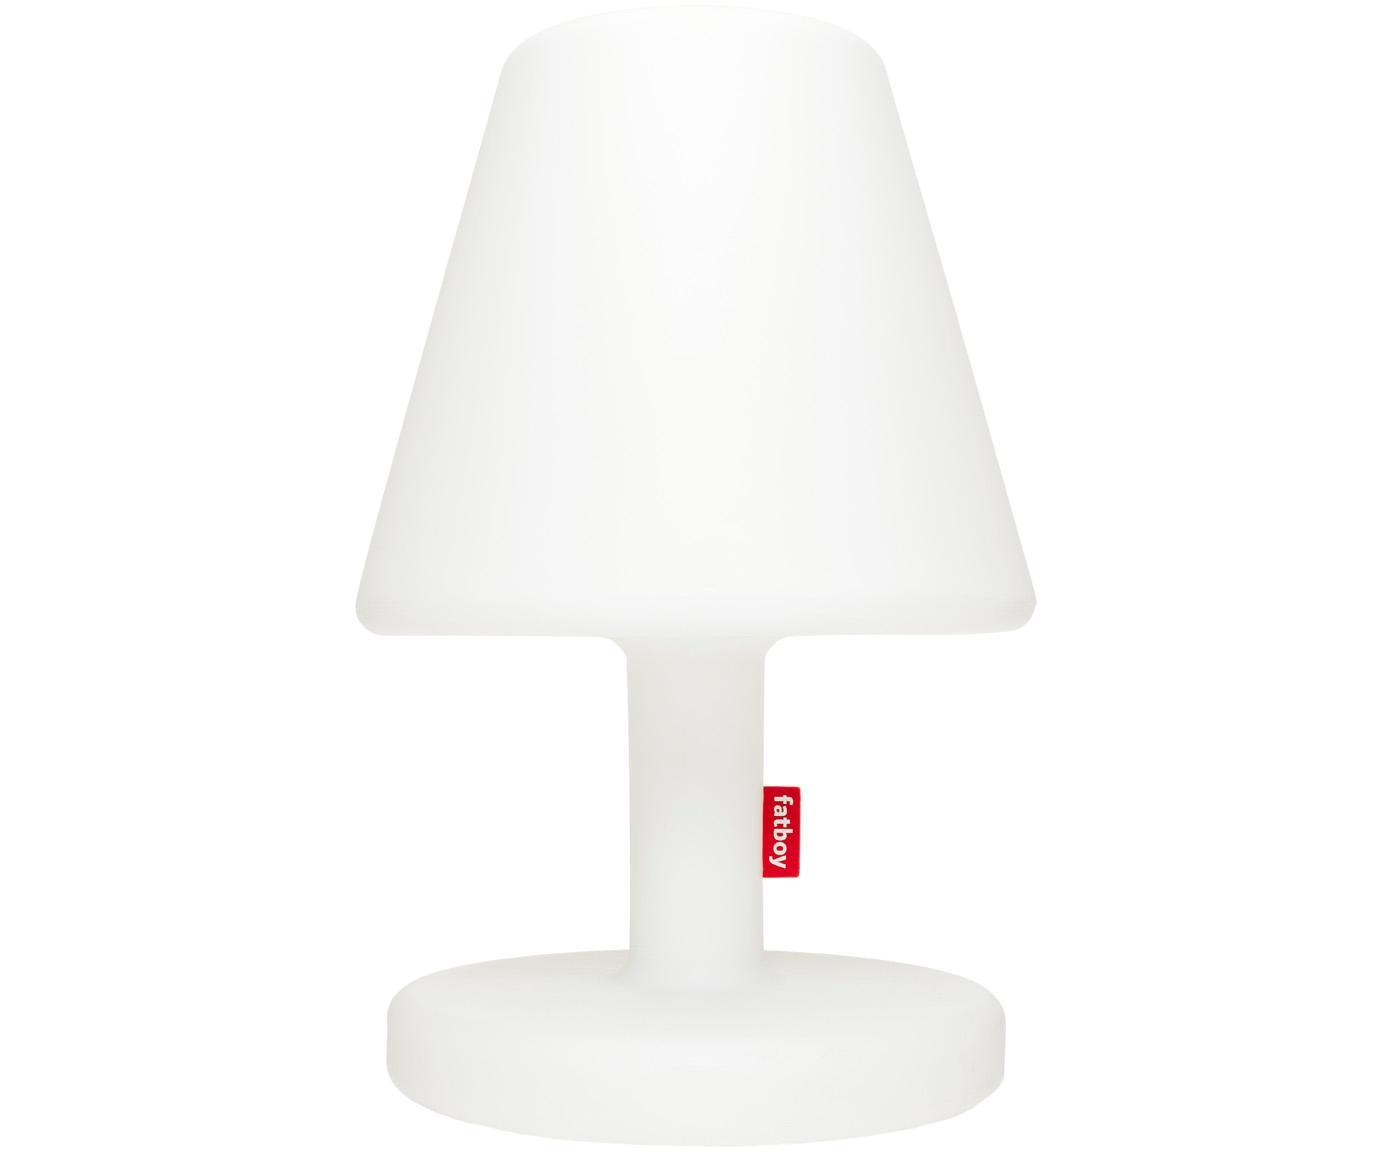 LED Außenstehleuchte Edison the Grand, Leuchte: Kunststoff, Weiß, Ø 60 x H 90 cm